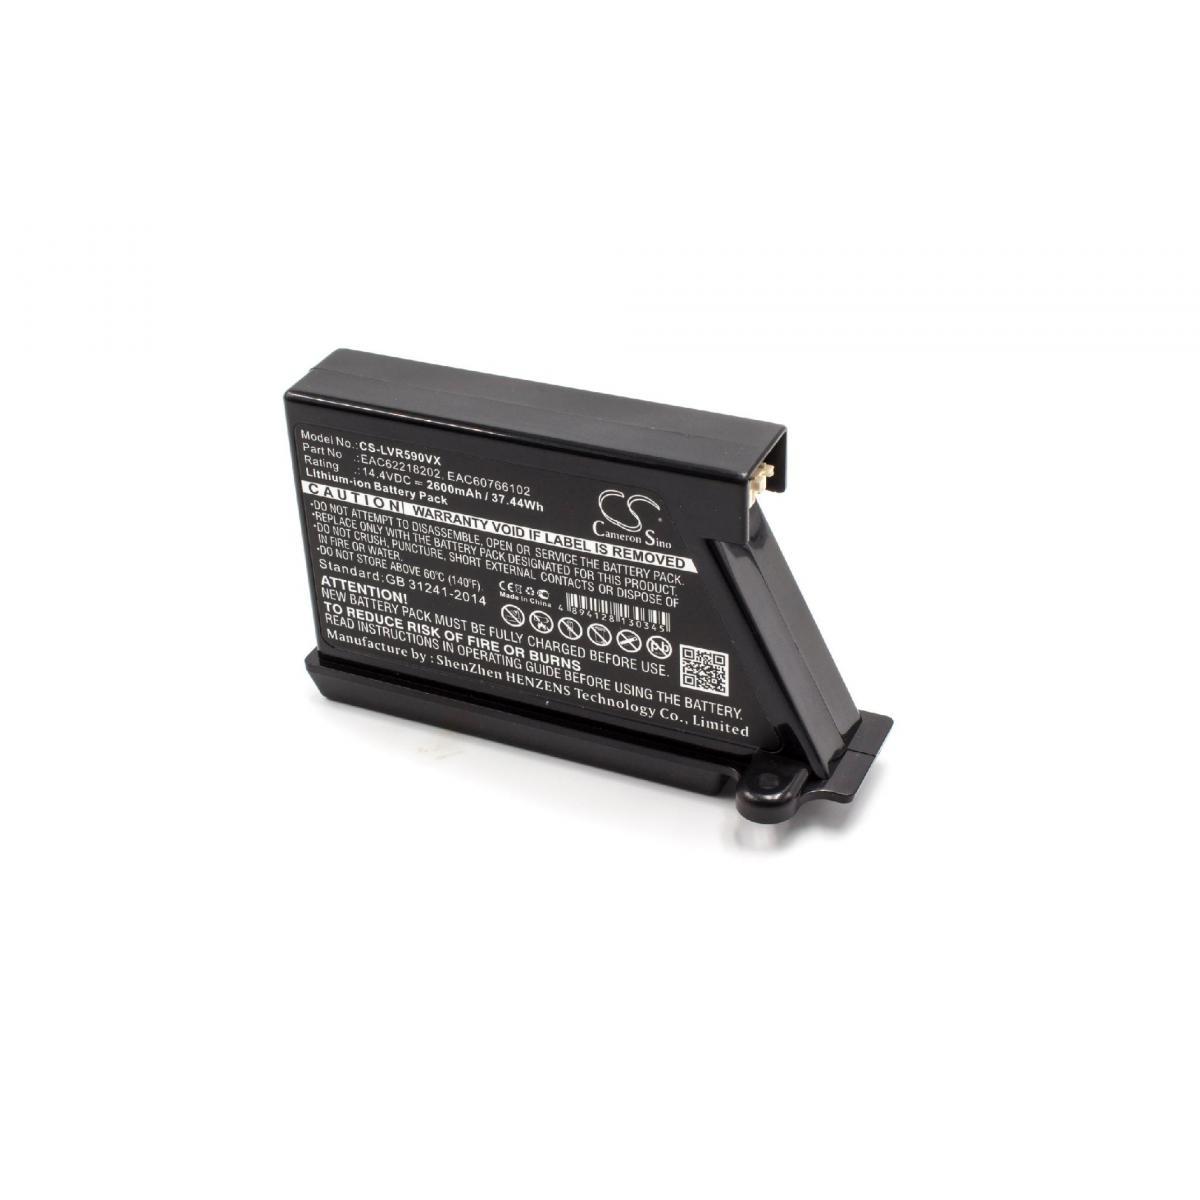 Vhbw vhbw Batterie compatible avec LG HOM-BOT VR6180VMNC, VR6270, VR62701LV, VR63409LV robot électroménager (2600mAh, 14,4V,